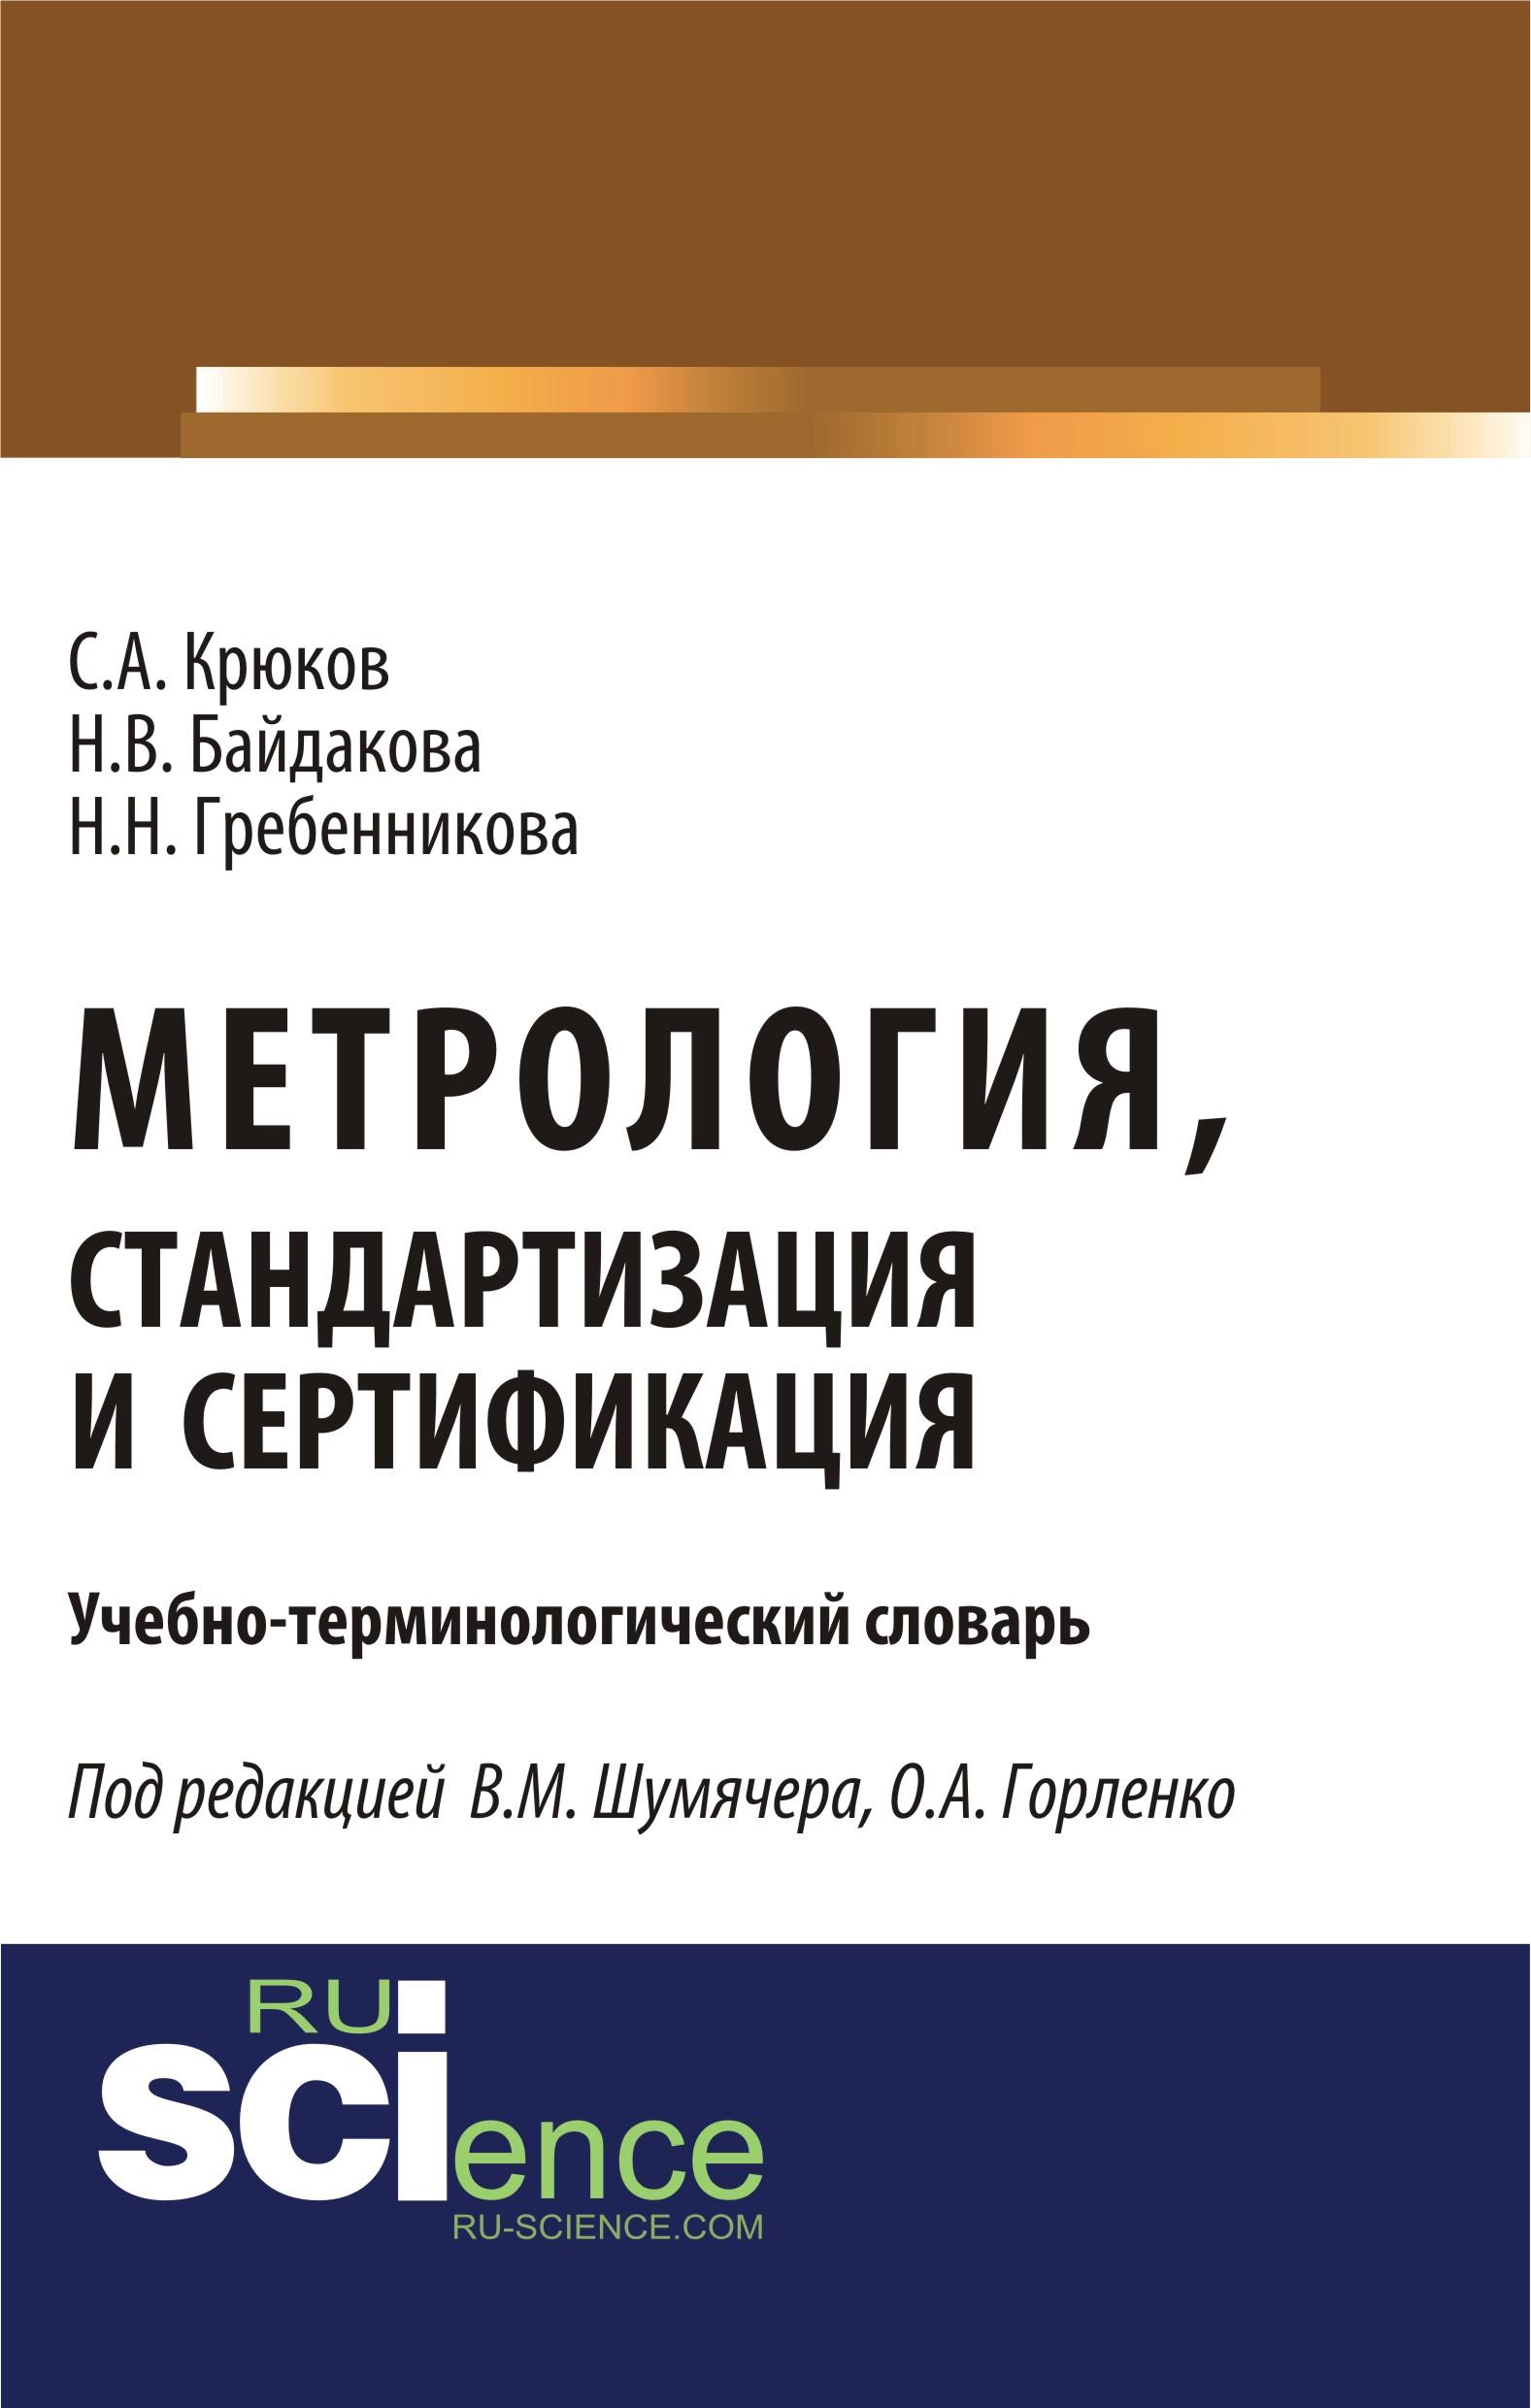 Метрология, стандартизация и сертификация. Учебно-терминологический словарь